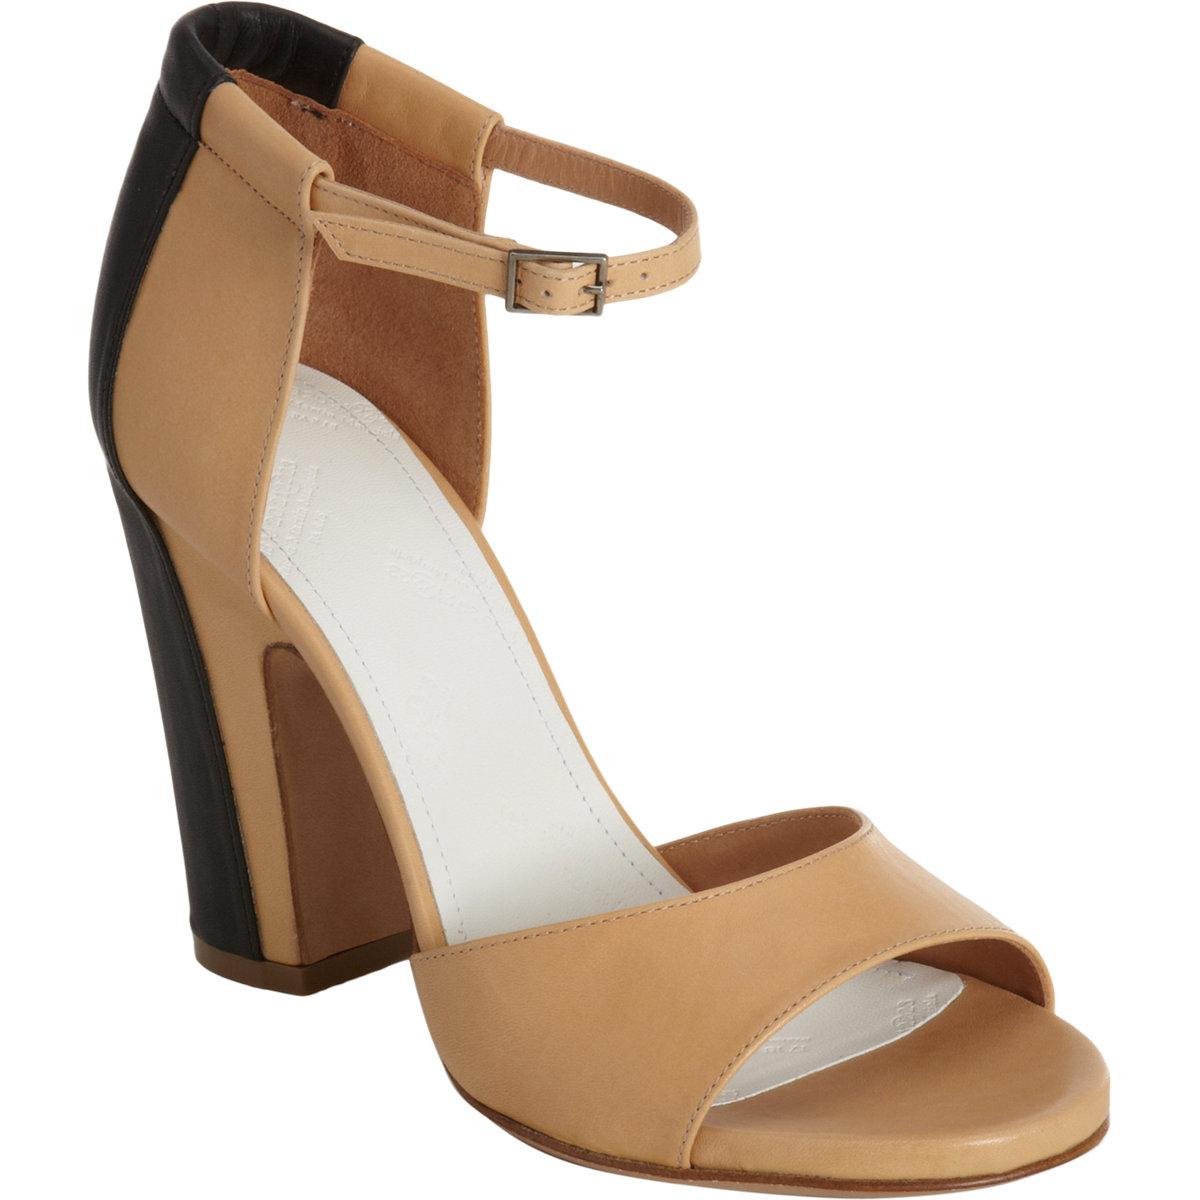 Maison martin margiela trompe loeil sandal in beige cream for A la maison lotion